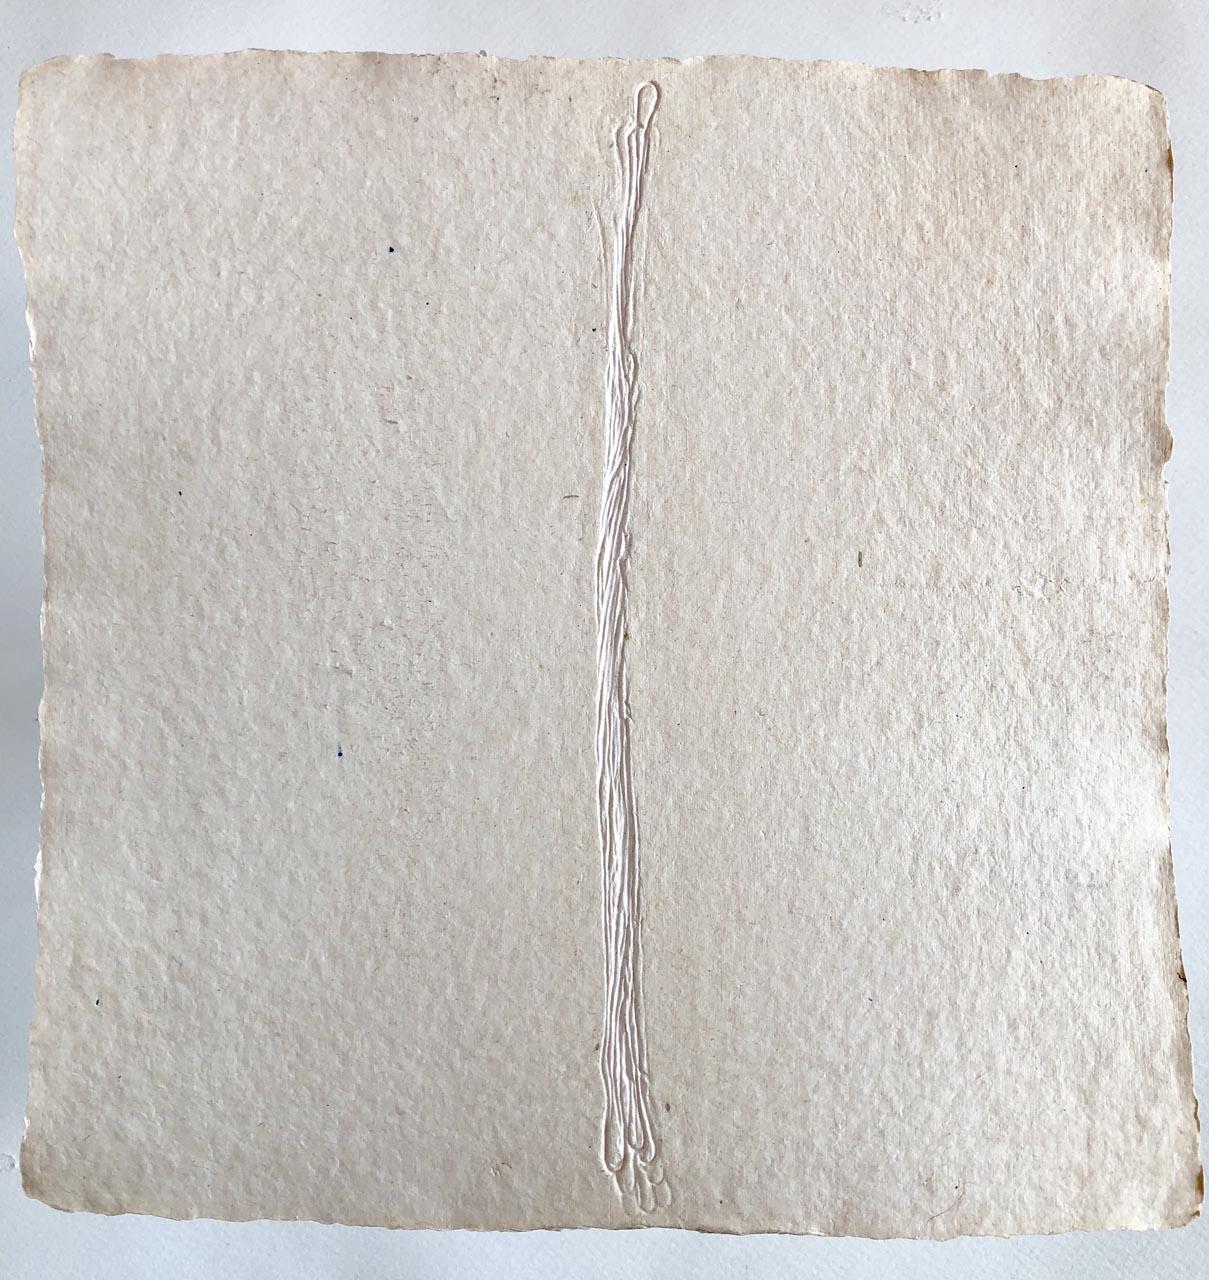 Geschöpftes Papier-Weiss 4-Drucktechnik-30×30-2016